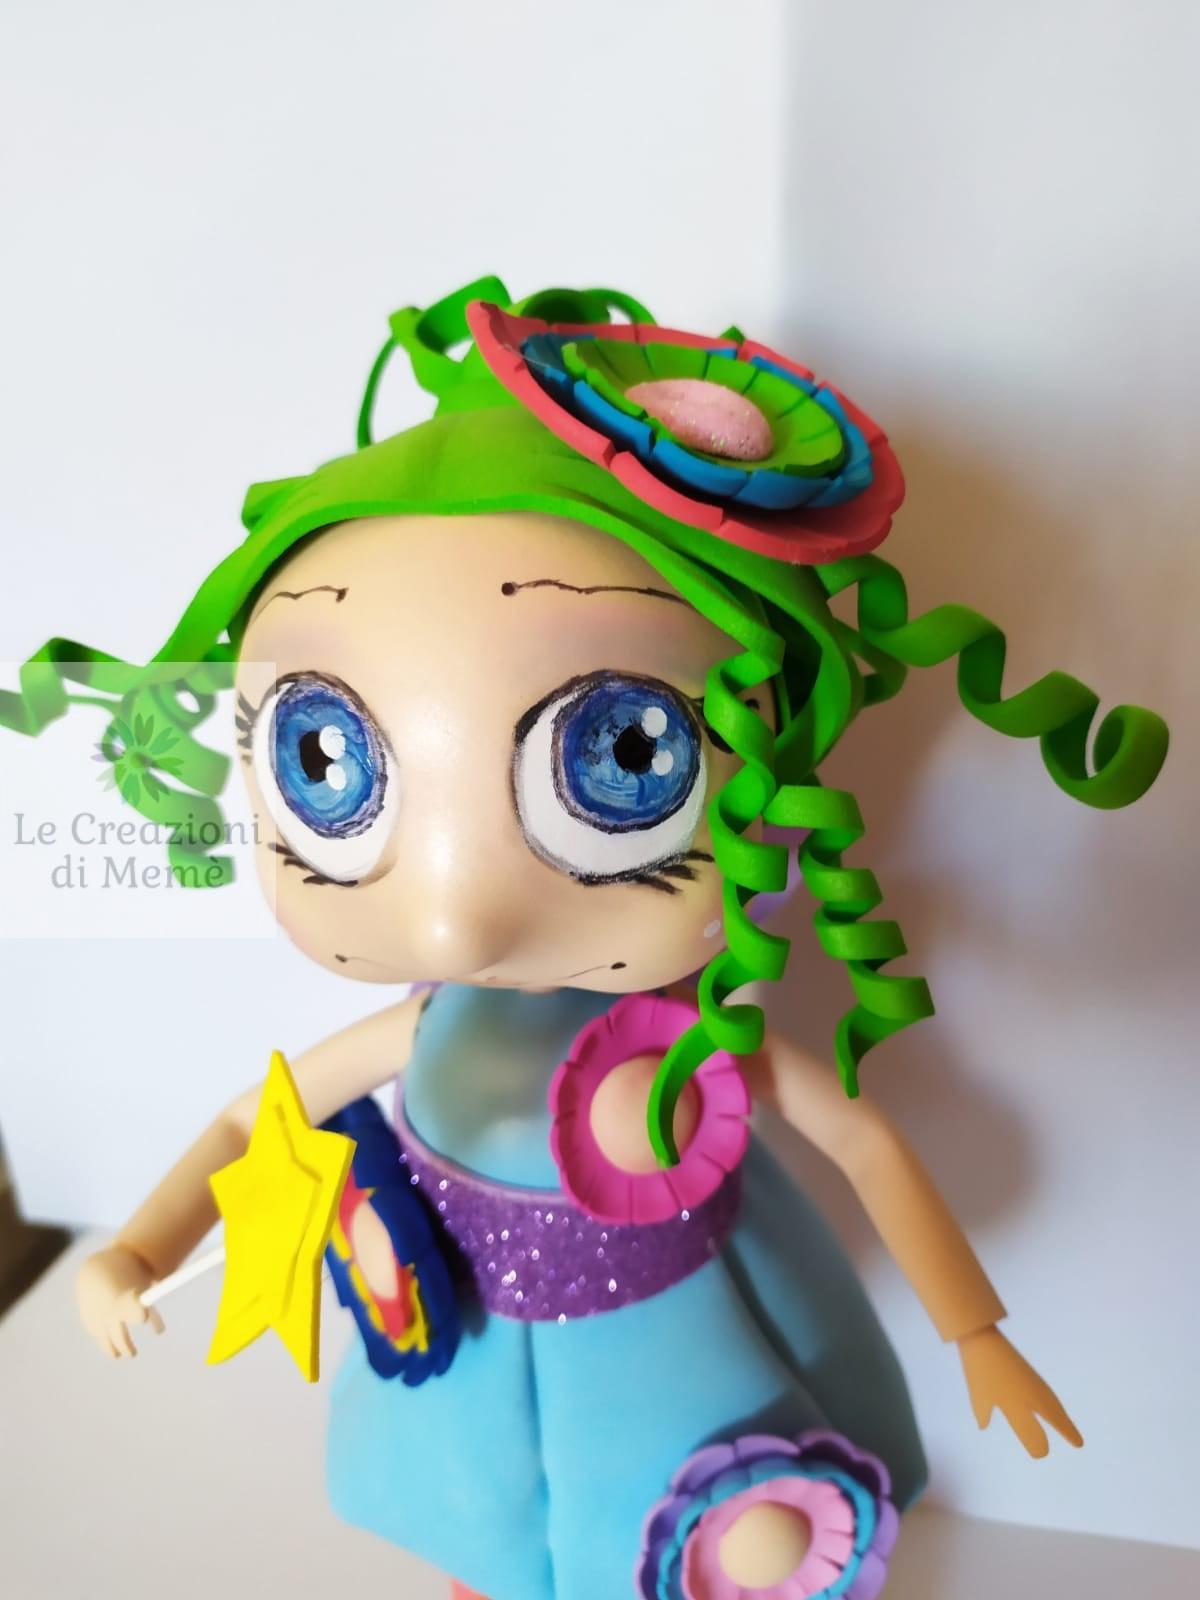 La fatina dai capelli verdini